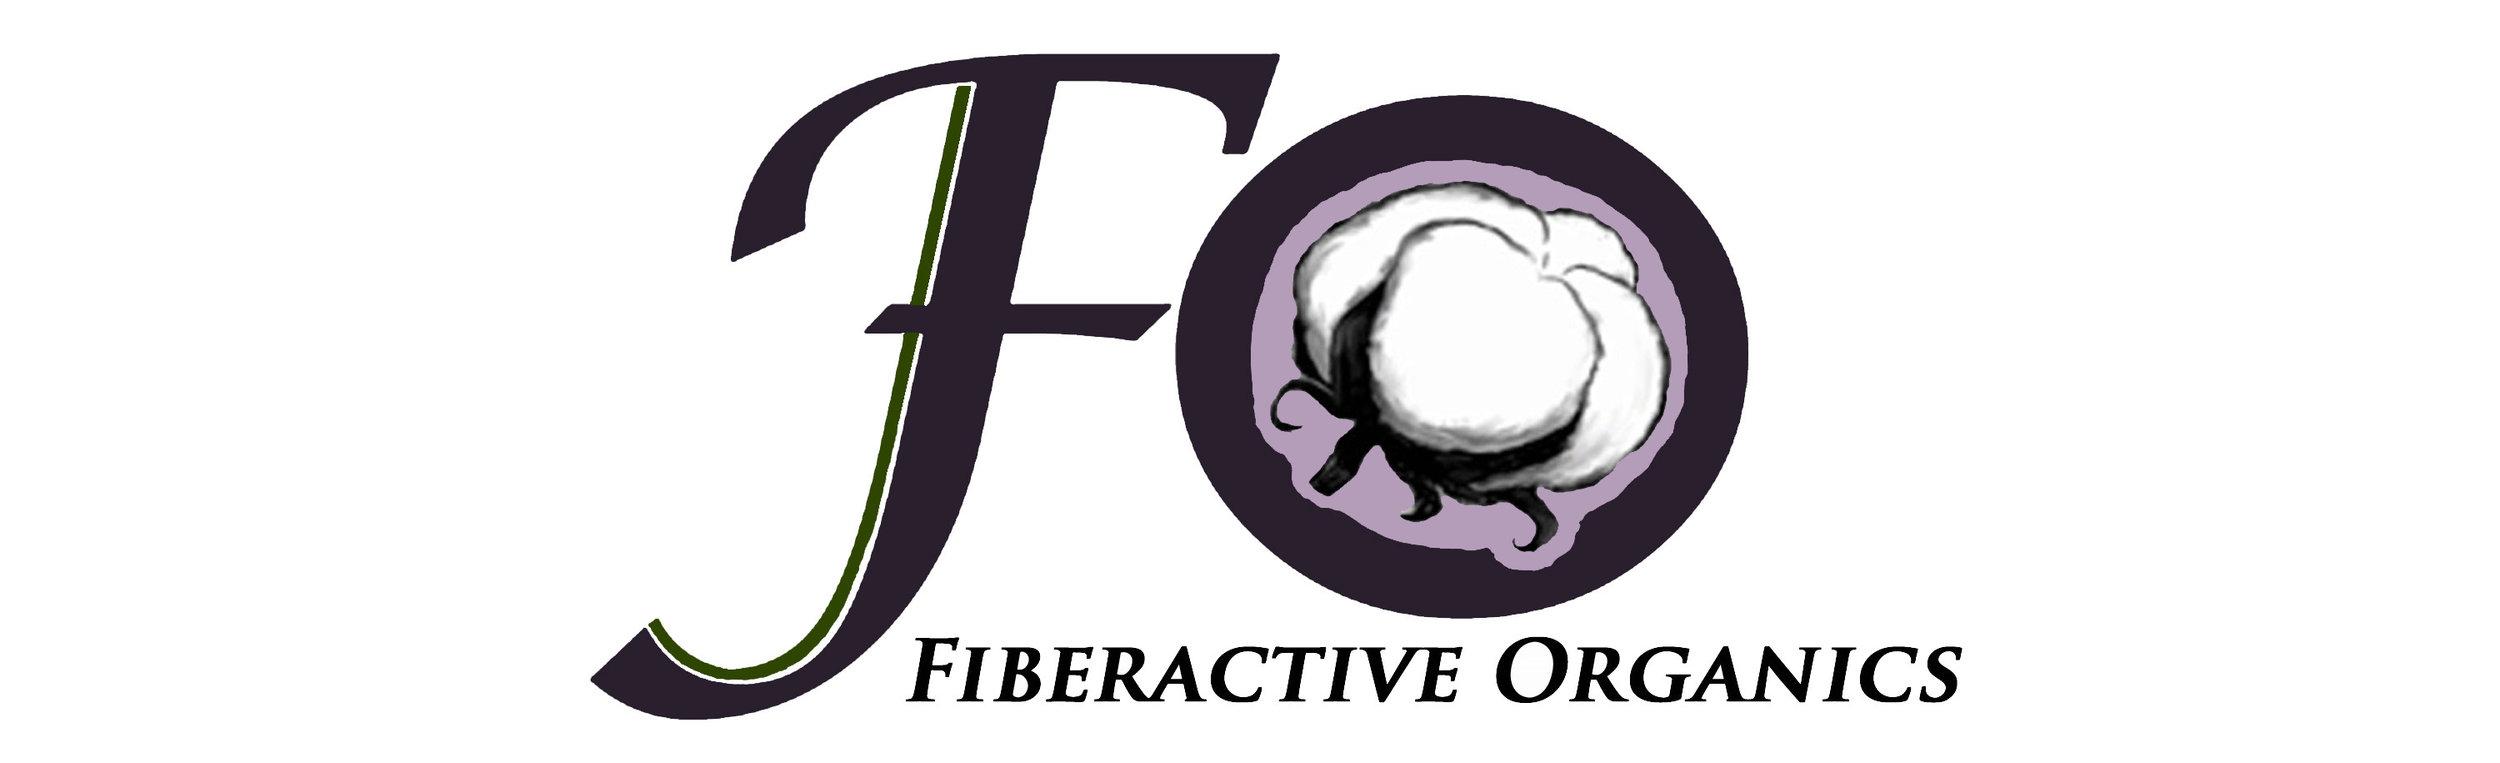 FO-Logo-banner.jpg